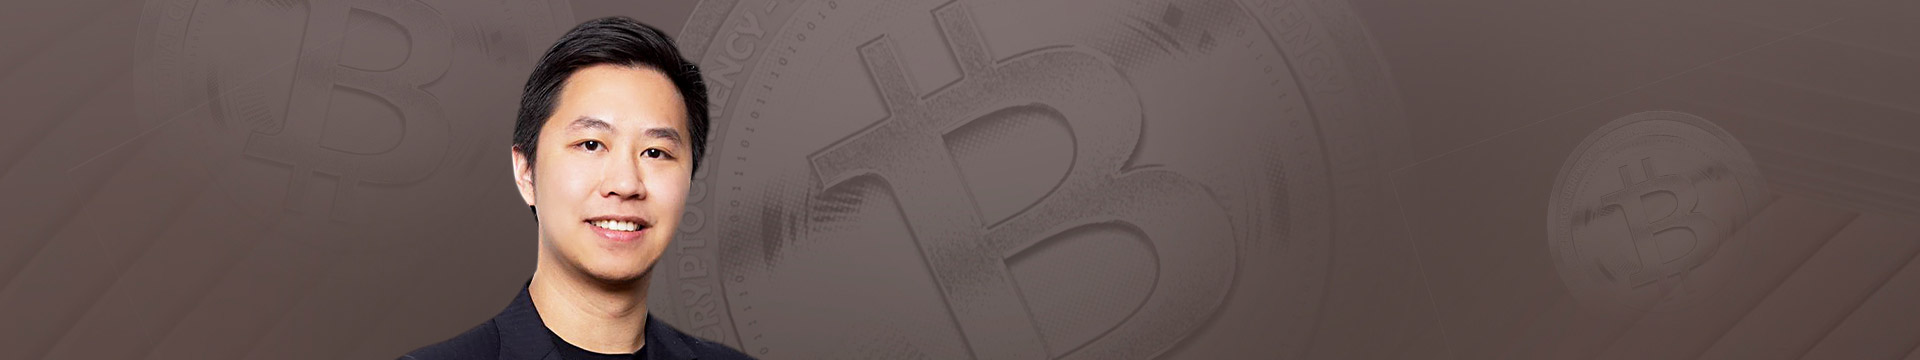 เริ่มลงทุน Cryptocurrency อย่างไรให้ปัง | เรื่องเงิน ย่อยง่าย EP.8